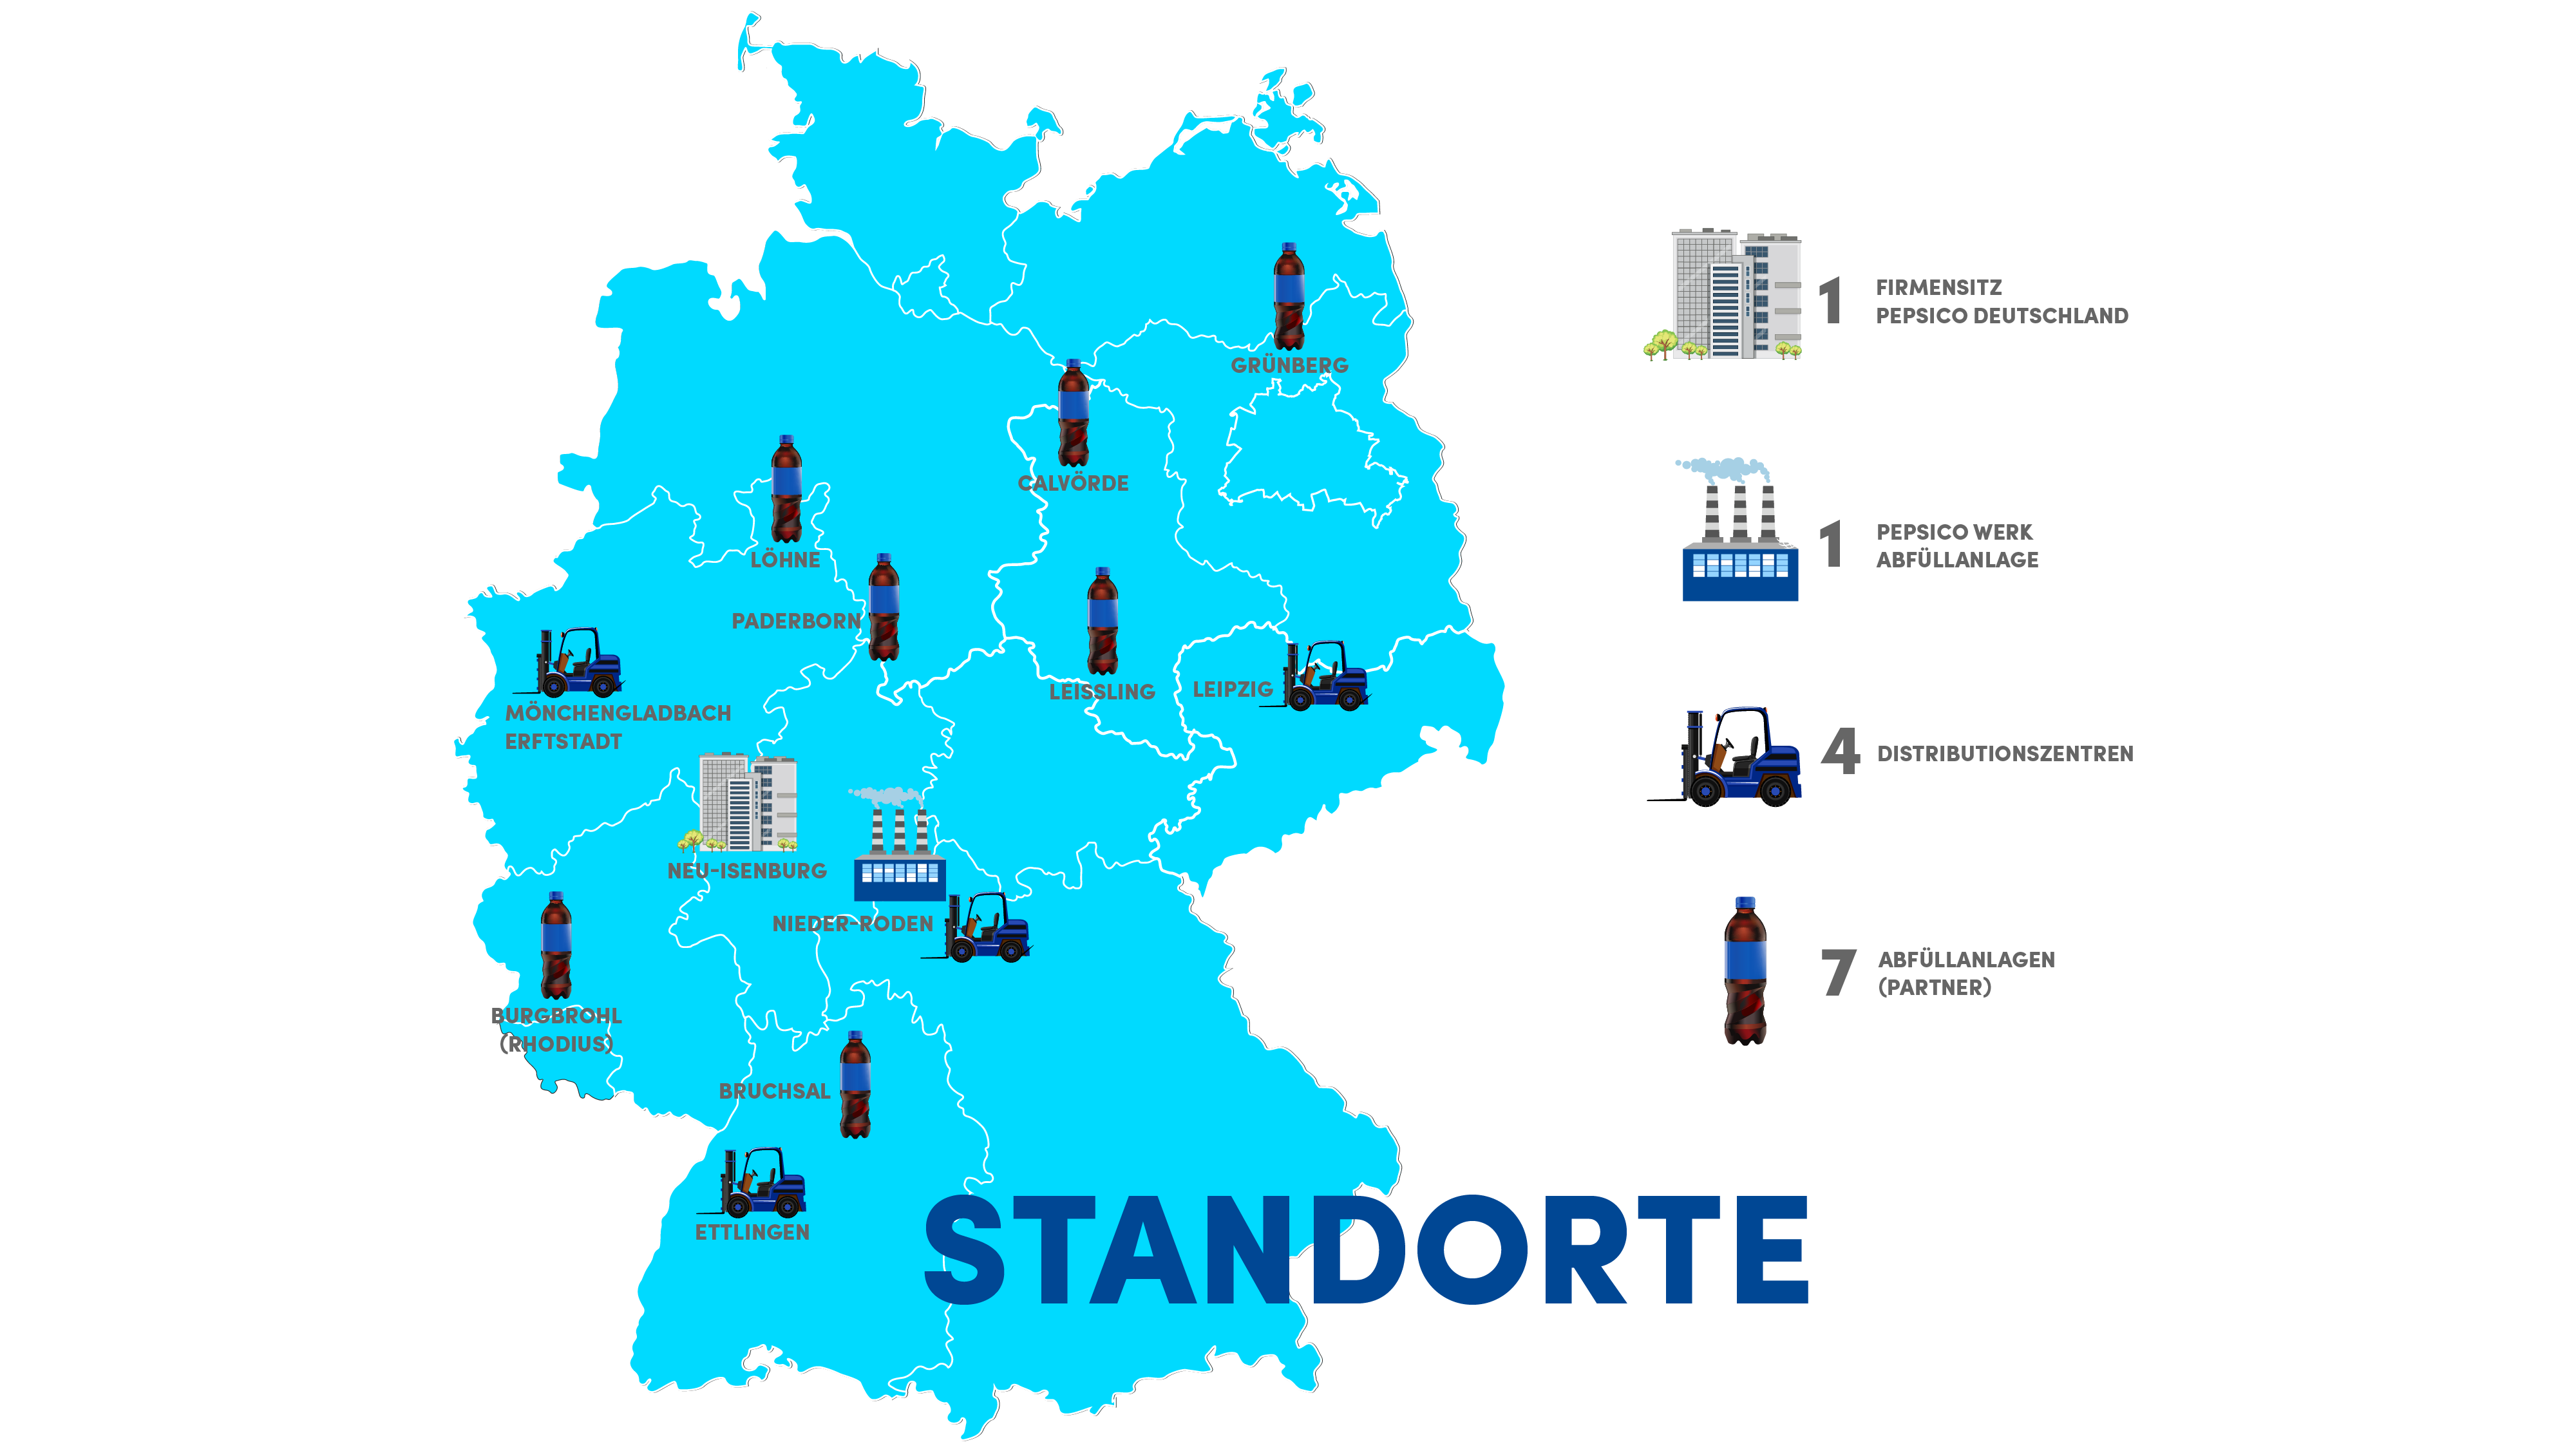 Karte_Standorte_Pepsico_Zeichenfläche 1